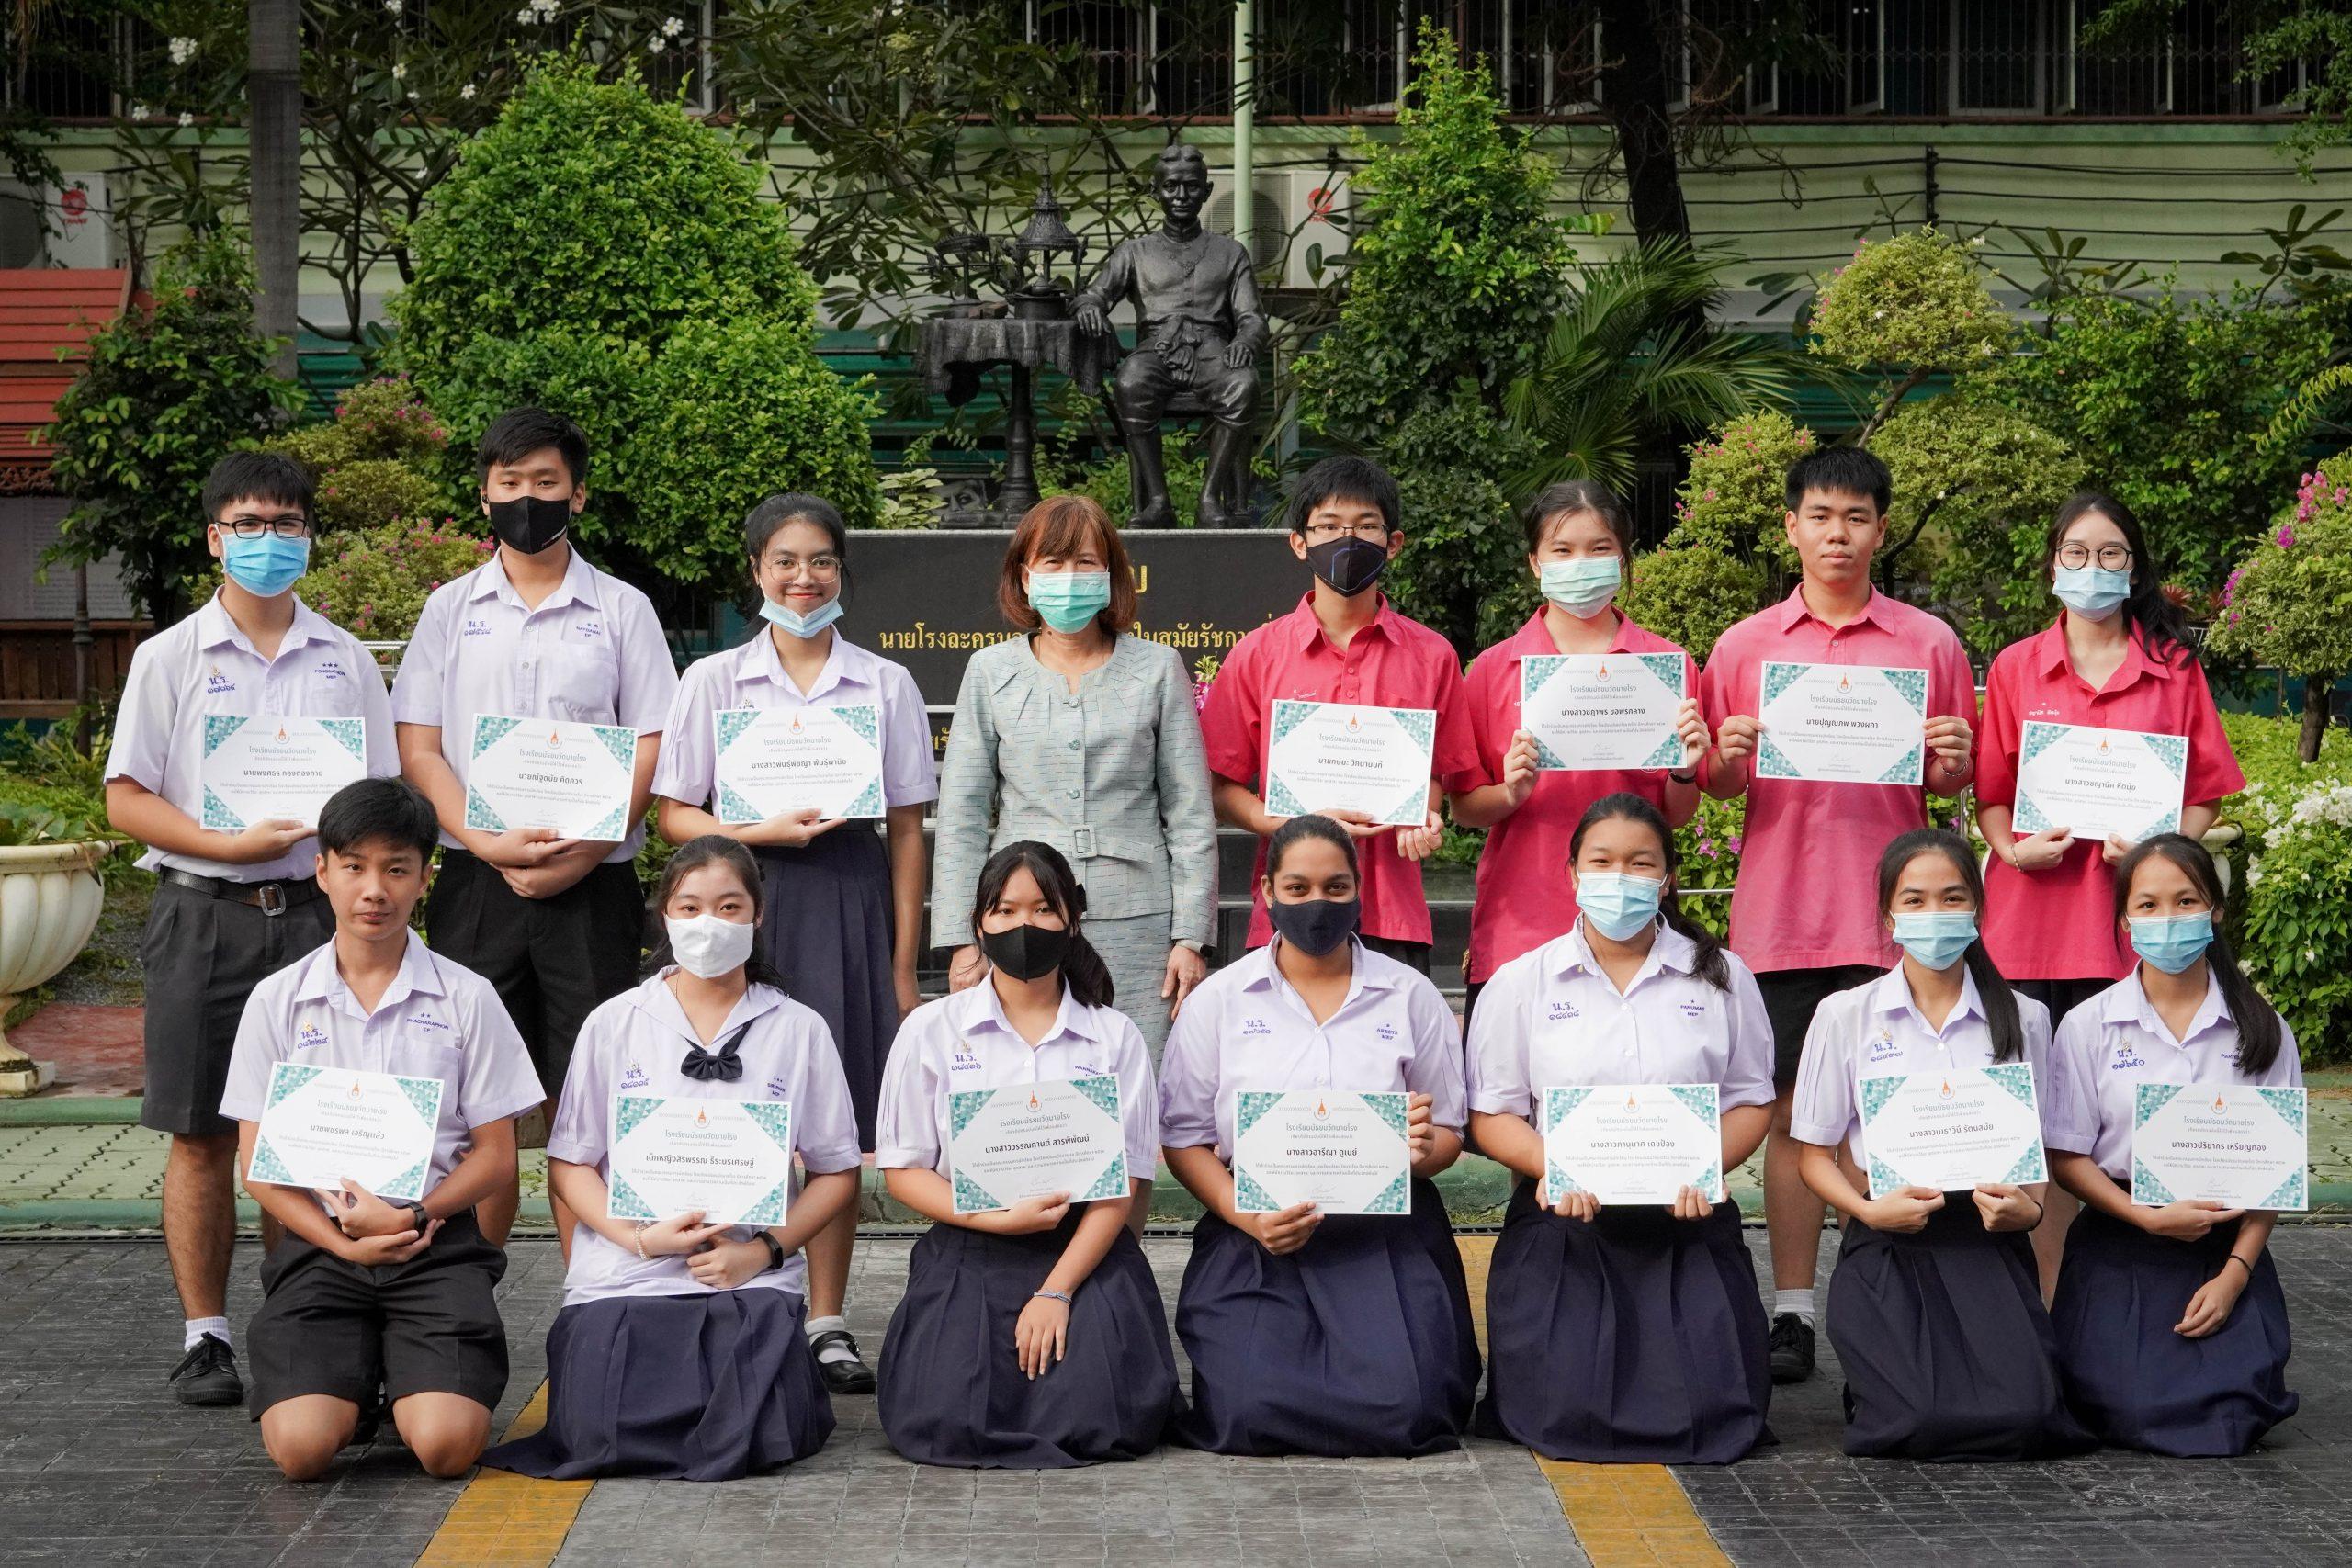 มอบเกียรติบัตรแก่สภานักเรียนประจำปีการศึกษา 2562